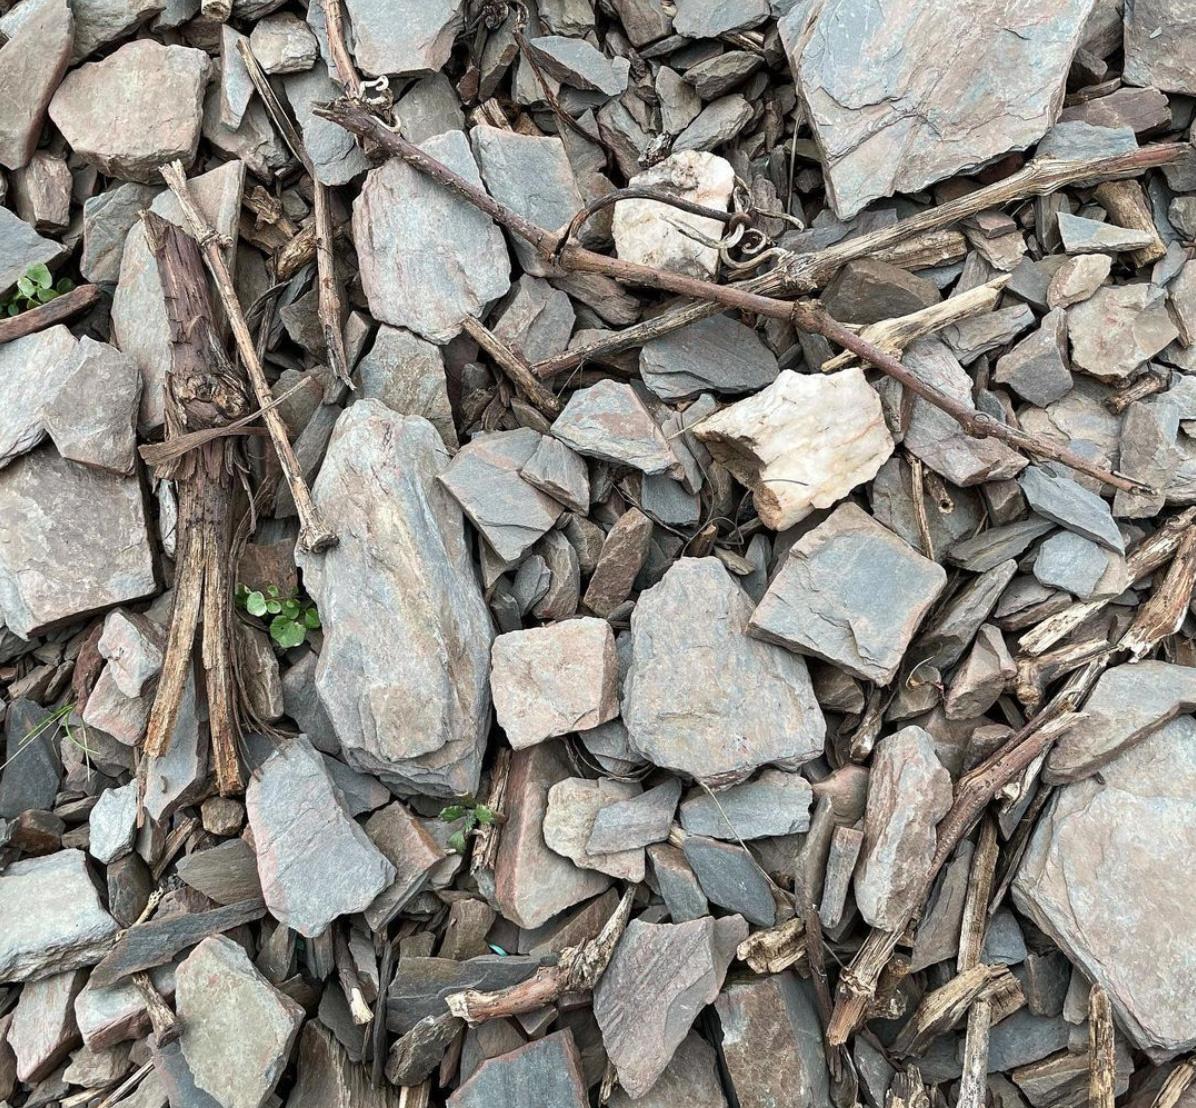 slate and quartz on the stony slopes above Niedermennig Hofgut Falkenstein